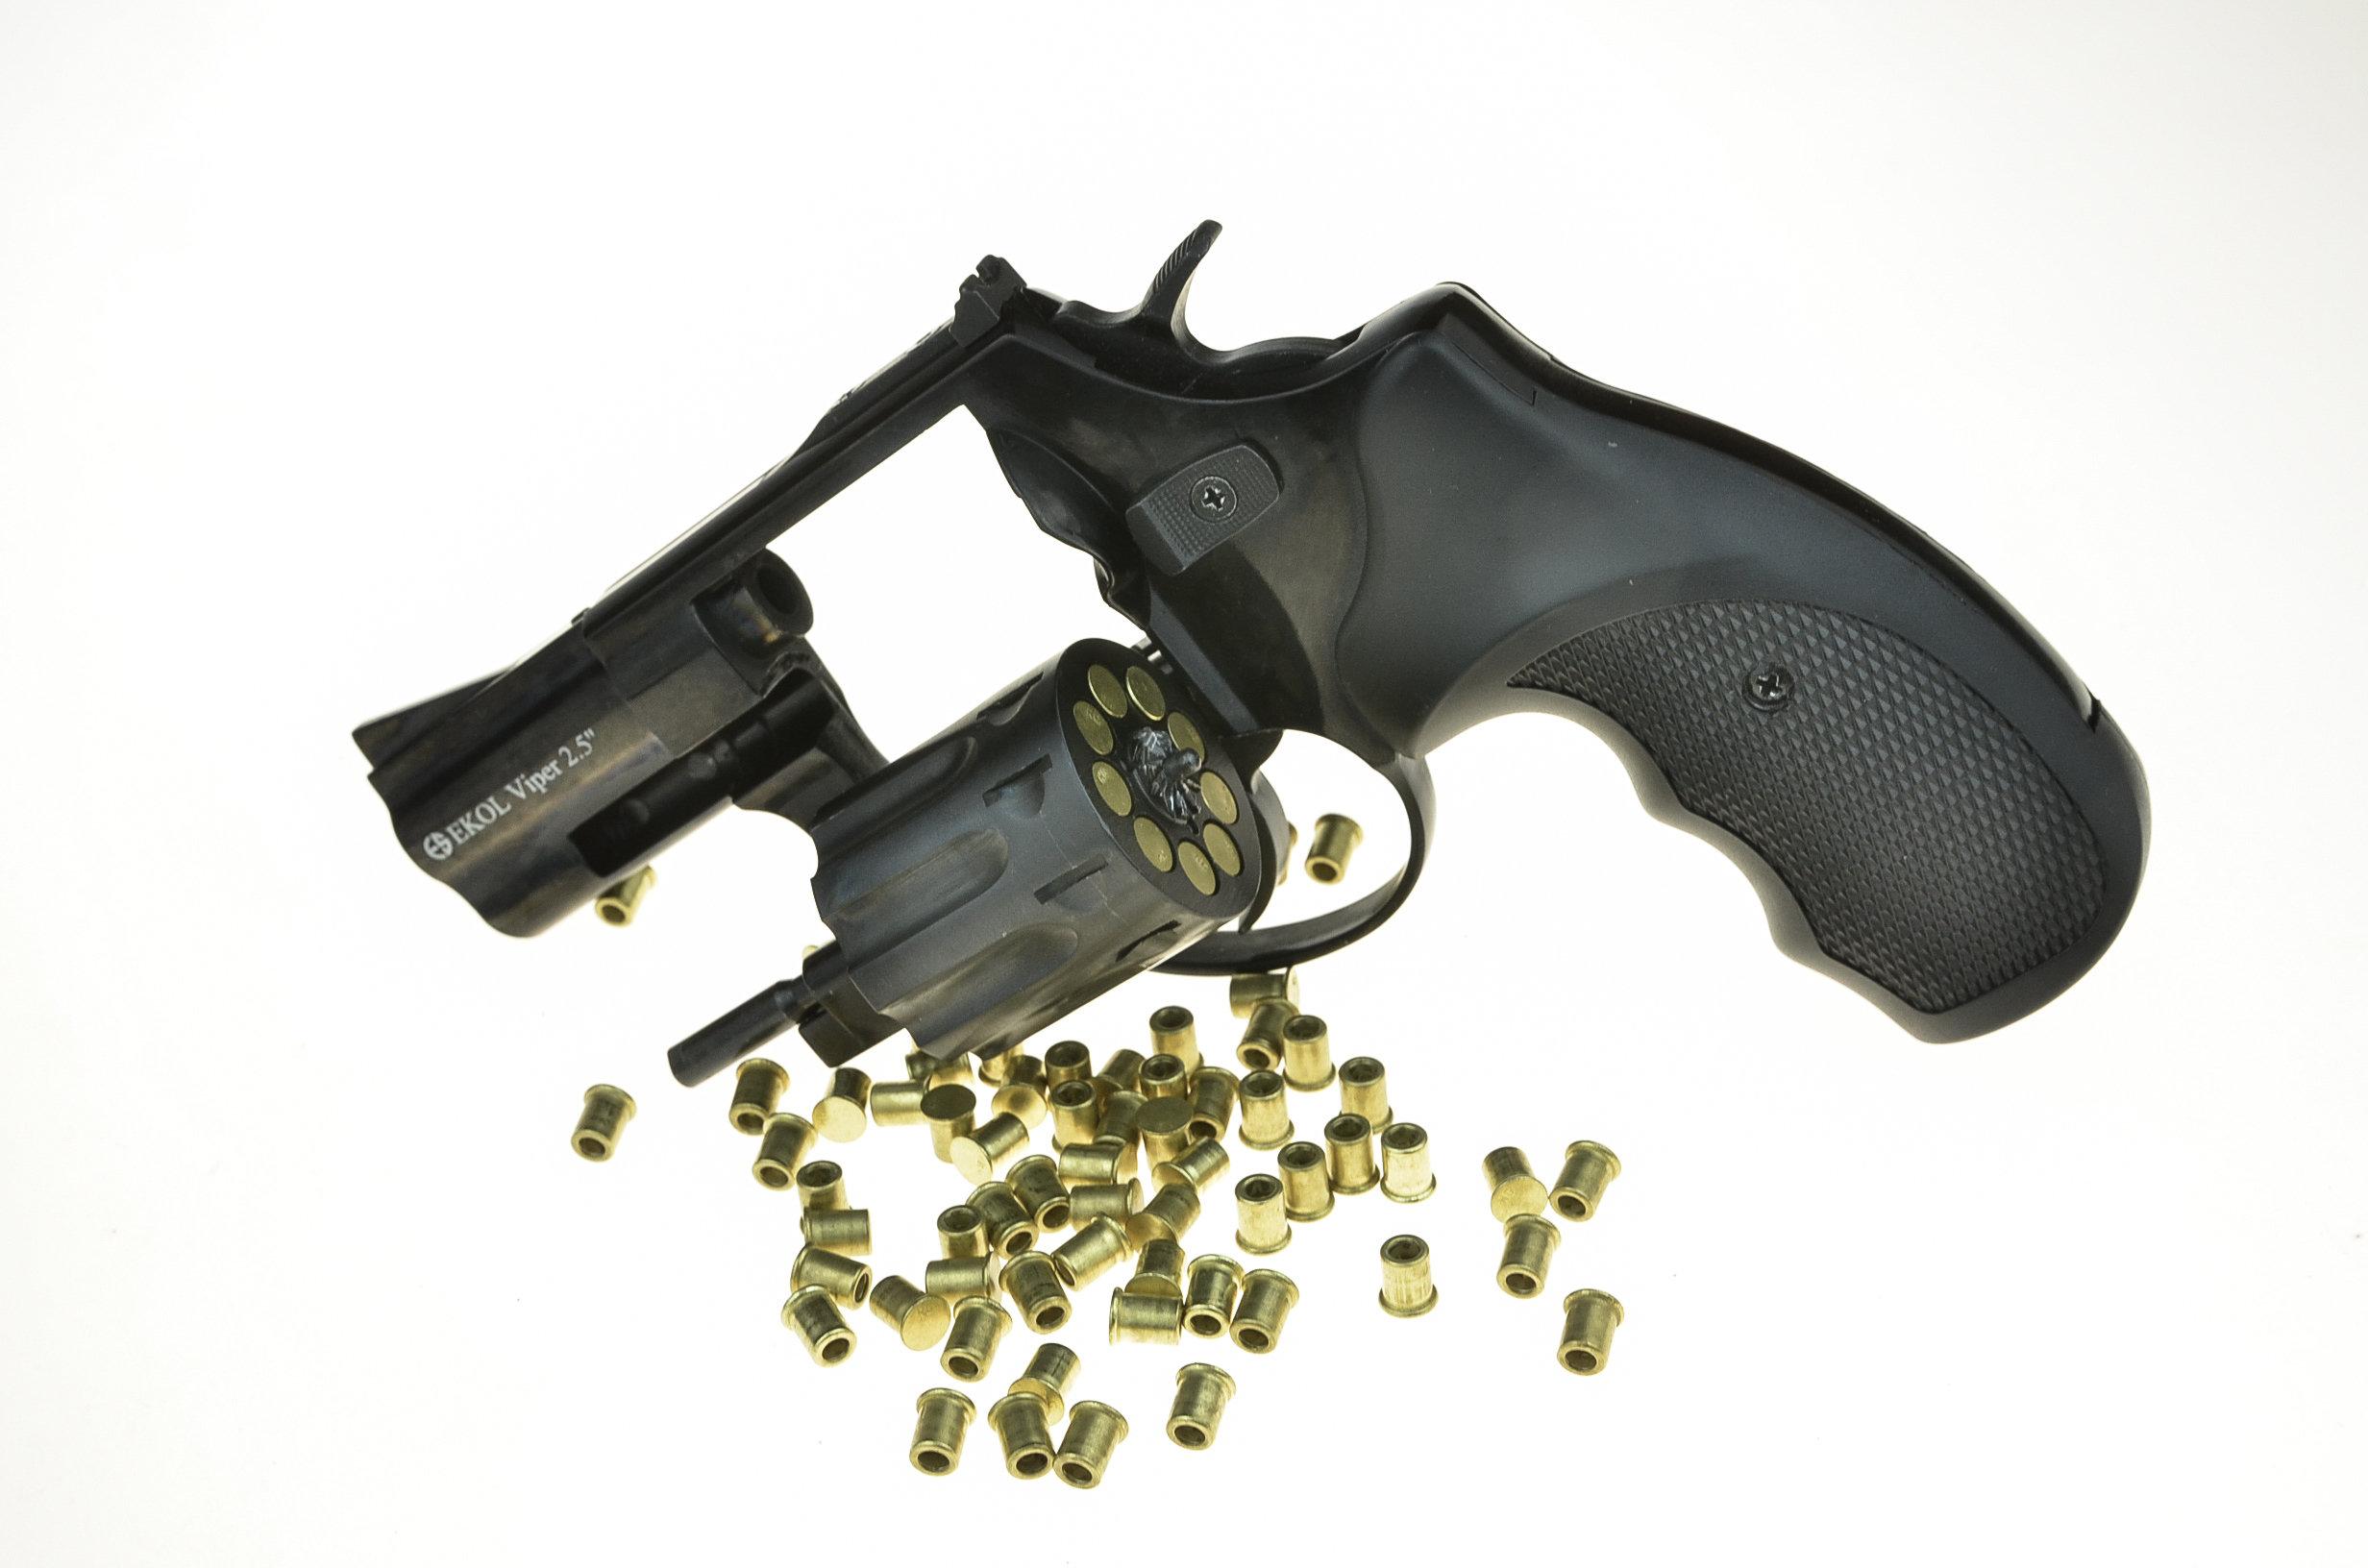 Револьвер сигнальный Ekol Viper (5,6 мм Жевело)